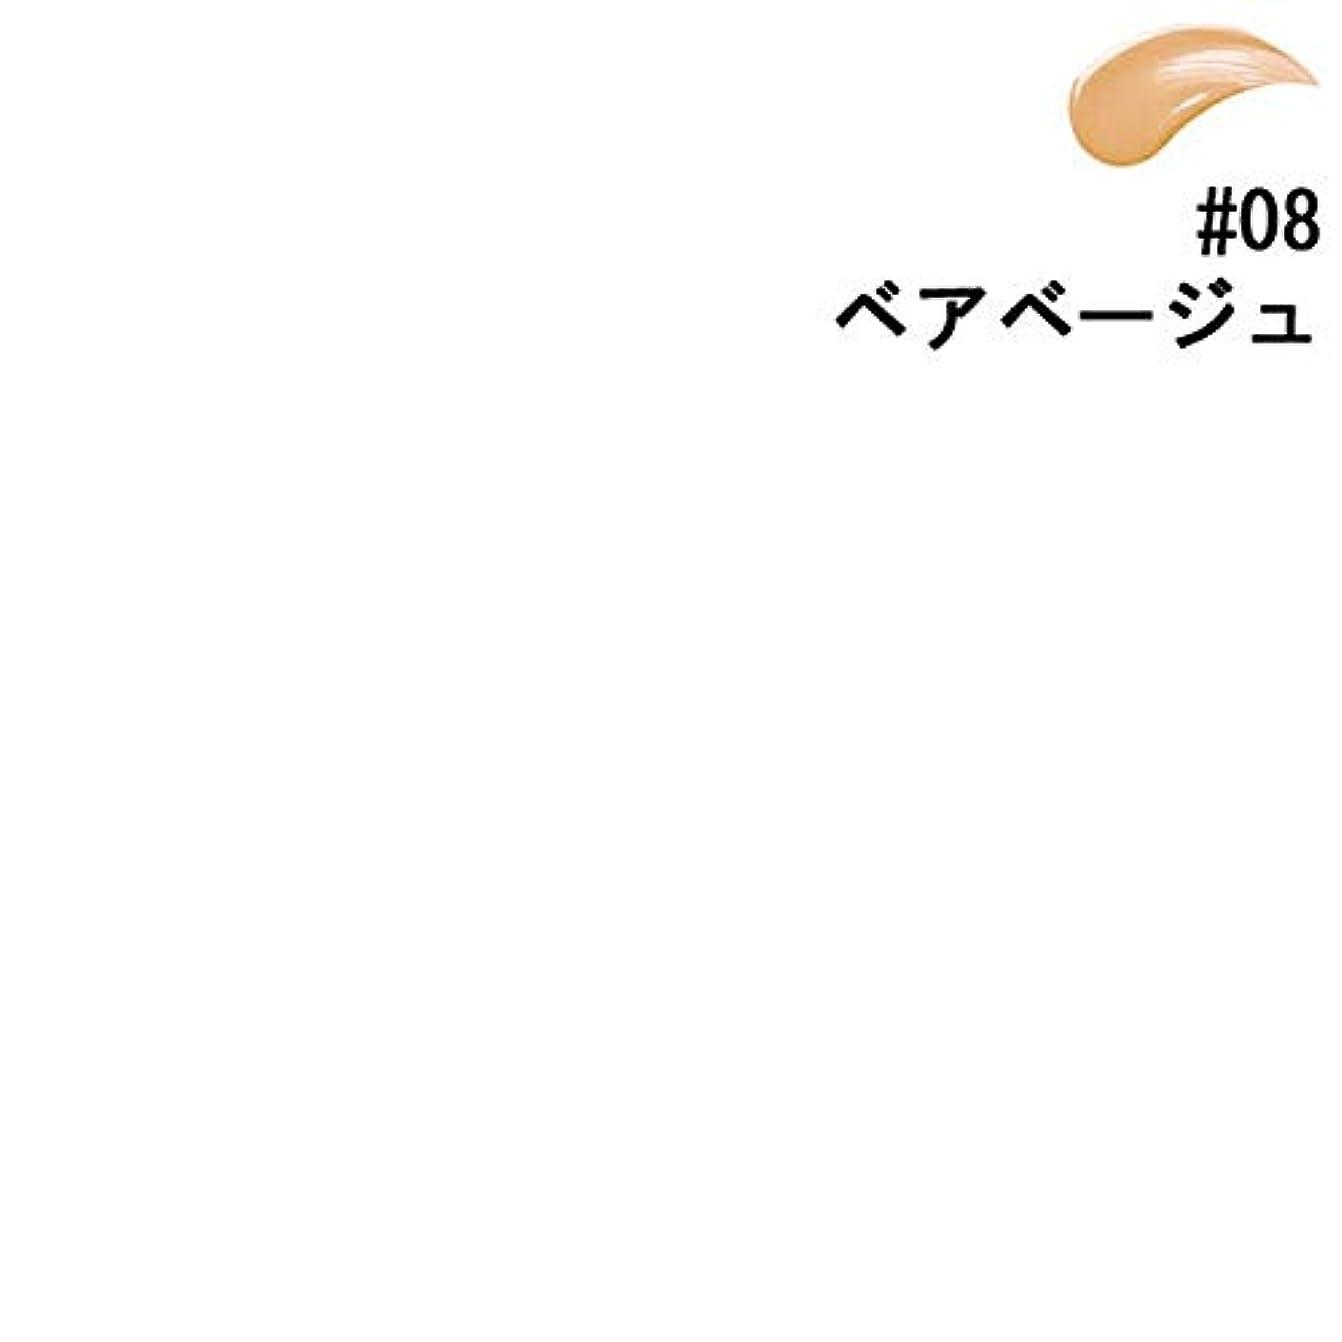 無礼に闇毎日【ベアミネラル】ベアミネラル ベア ファンデーション #08 ベアベージュ 30ml [並行輸入品]